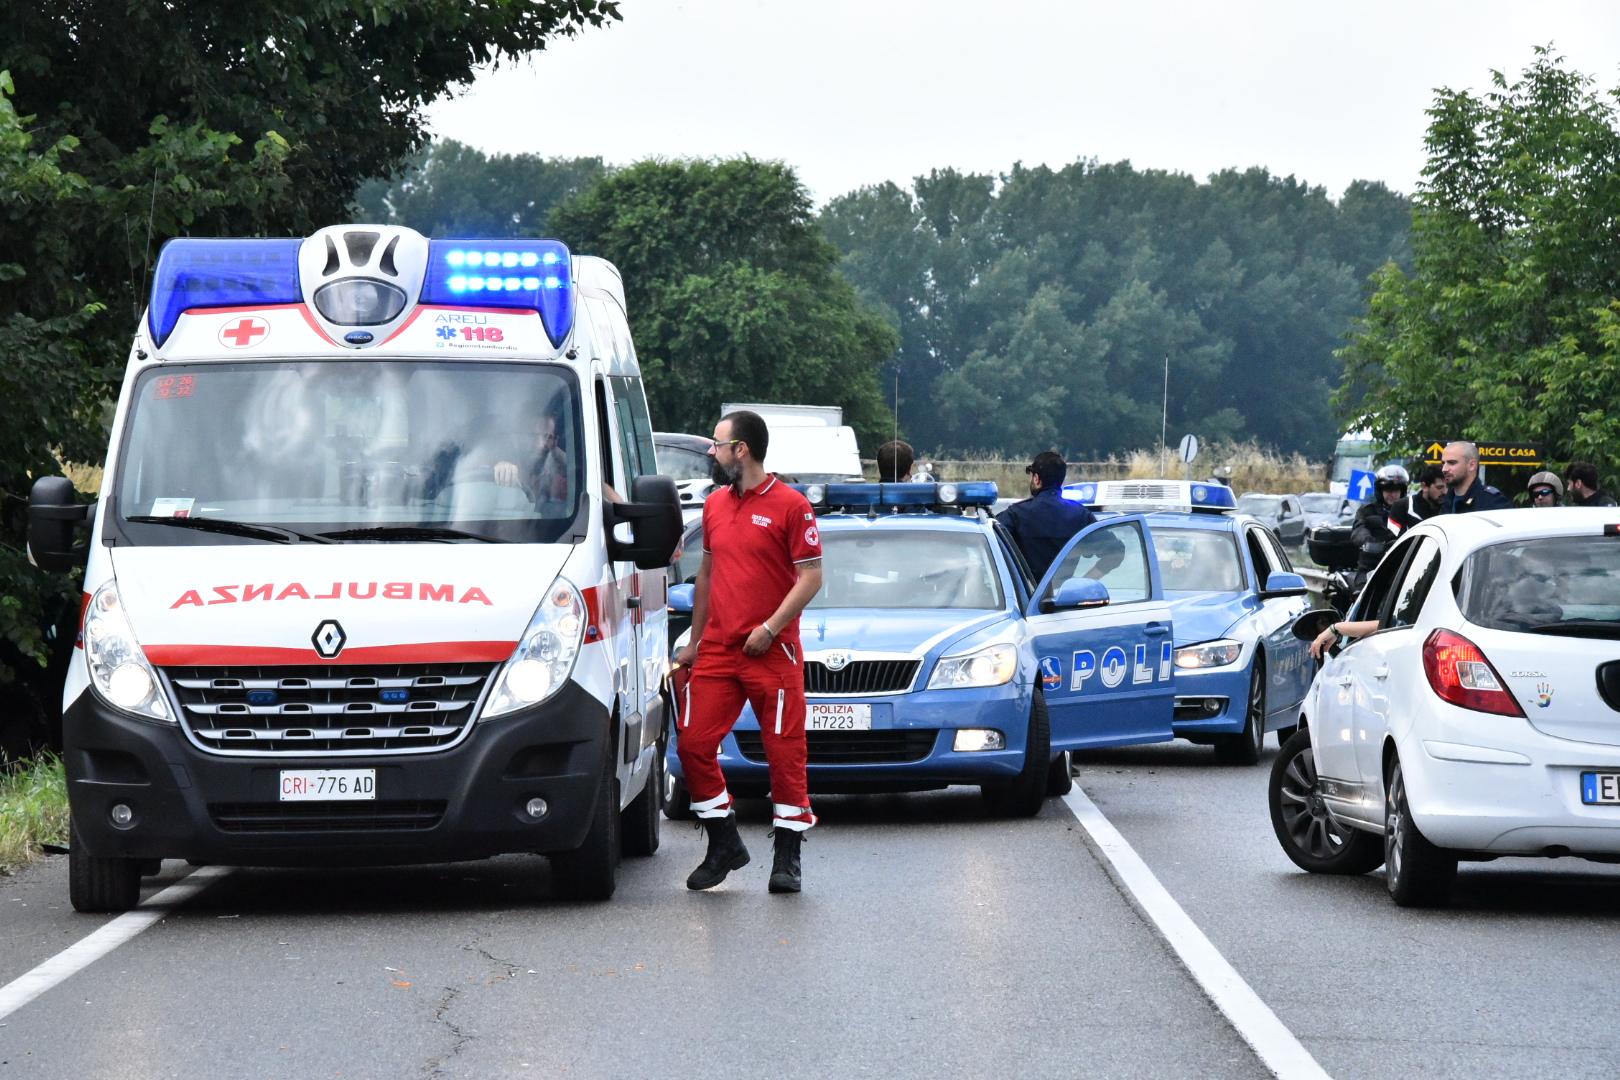 Scontro fra tre auto a San Rocco al Porto, caos sulla via Emilia